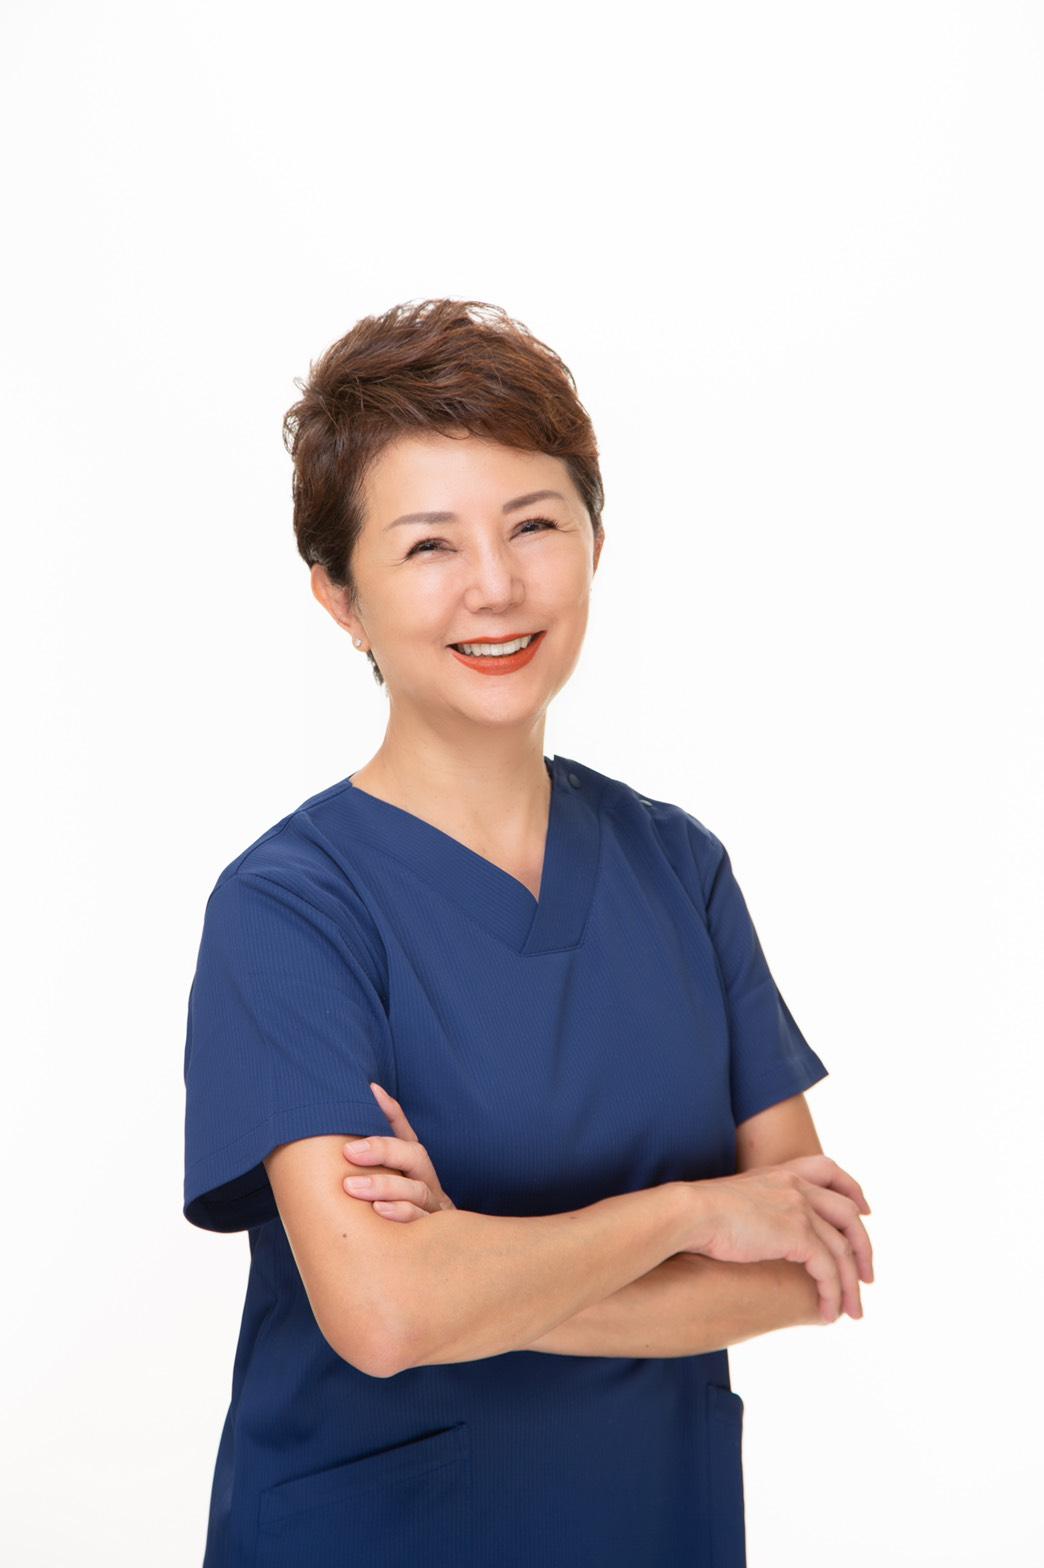 土屋和子先生の患者さんの健康を守る衛生士の役割とメインテナンスの重要性を伝える